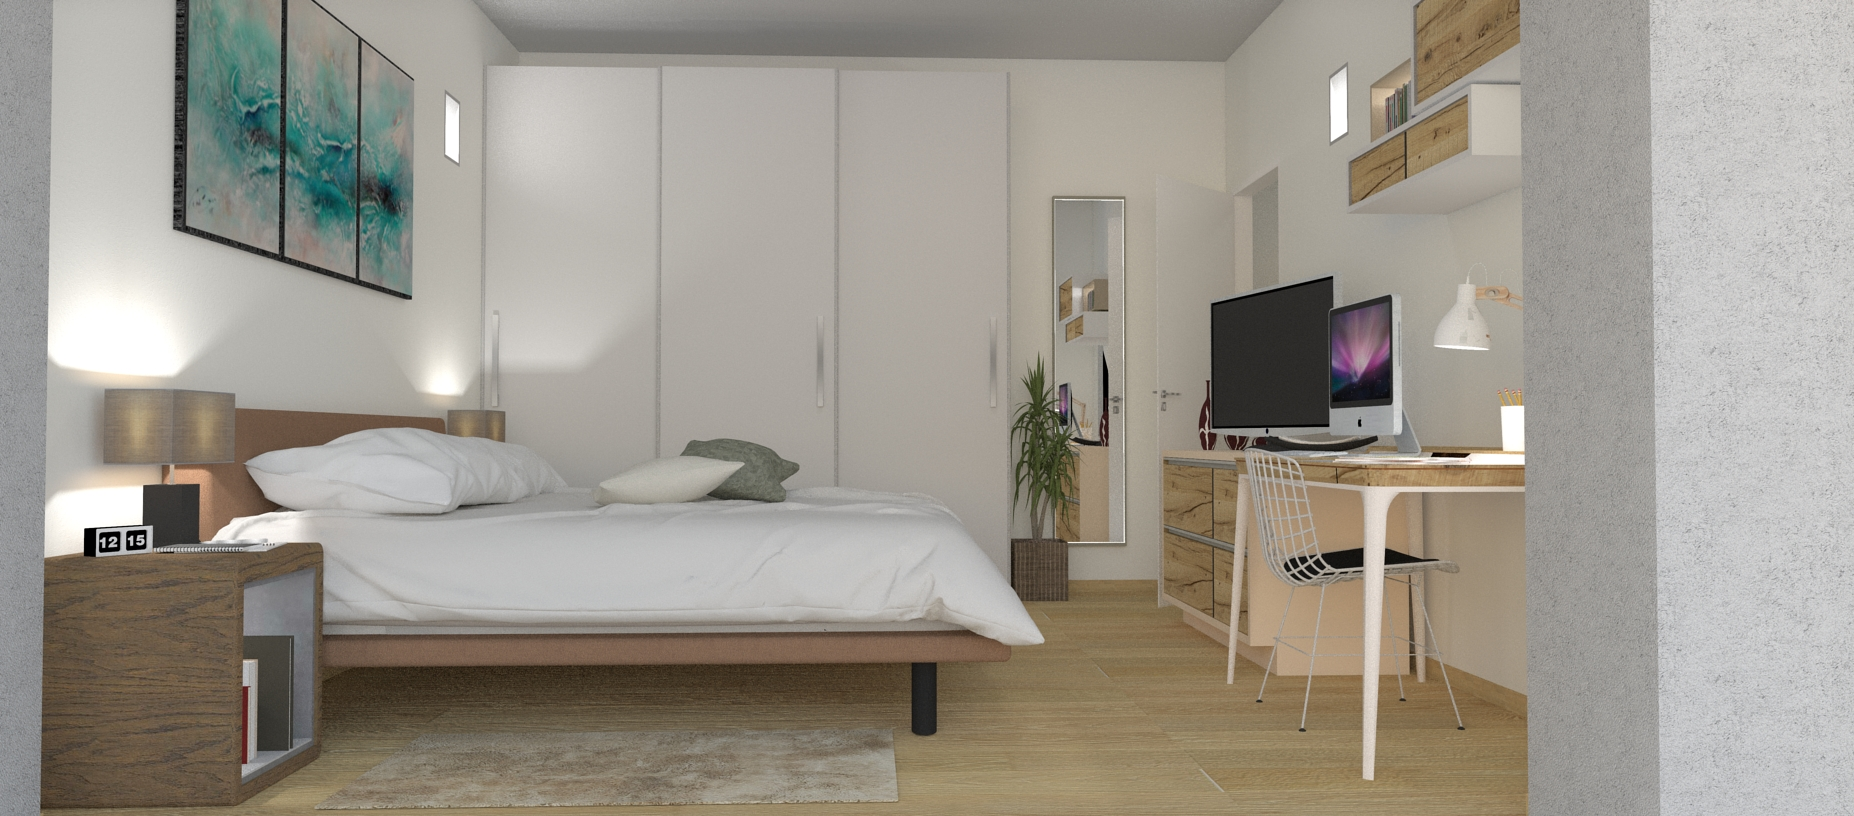 Appartamento in vendita a Cesena, 5 locali, zona Località: S.Egidio, prezzo € 420.000 | CambioCasa.it